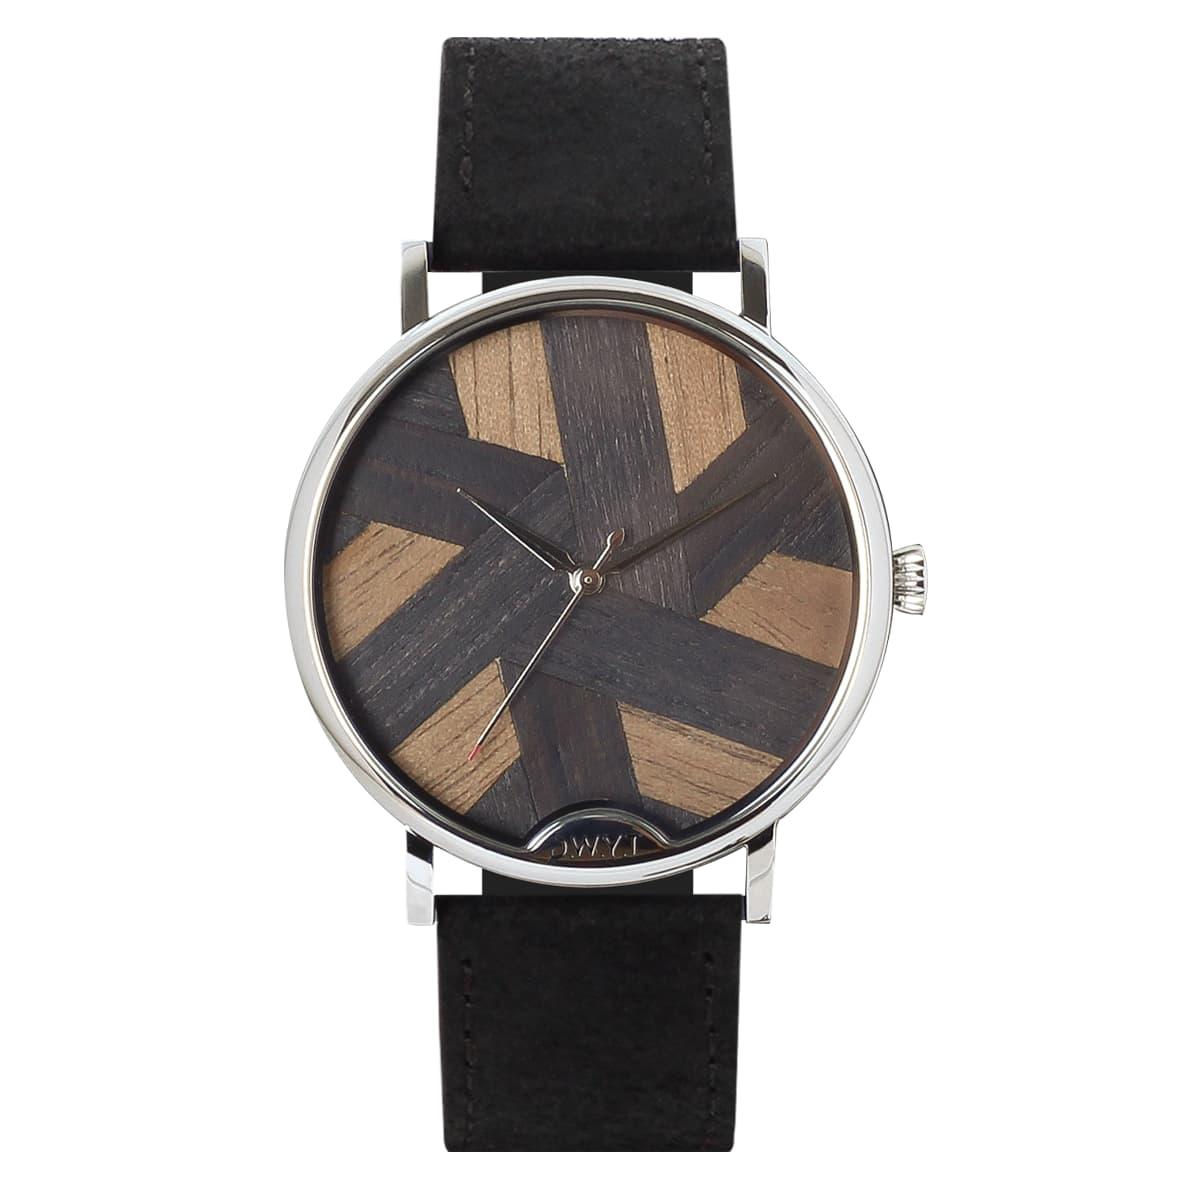 Montre bois femme Symphony avec cadran en marqueterie noir avec bracelet cuir vintage noir charbon